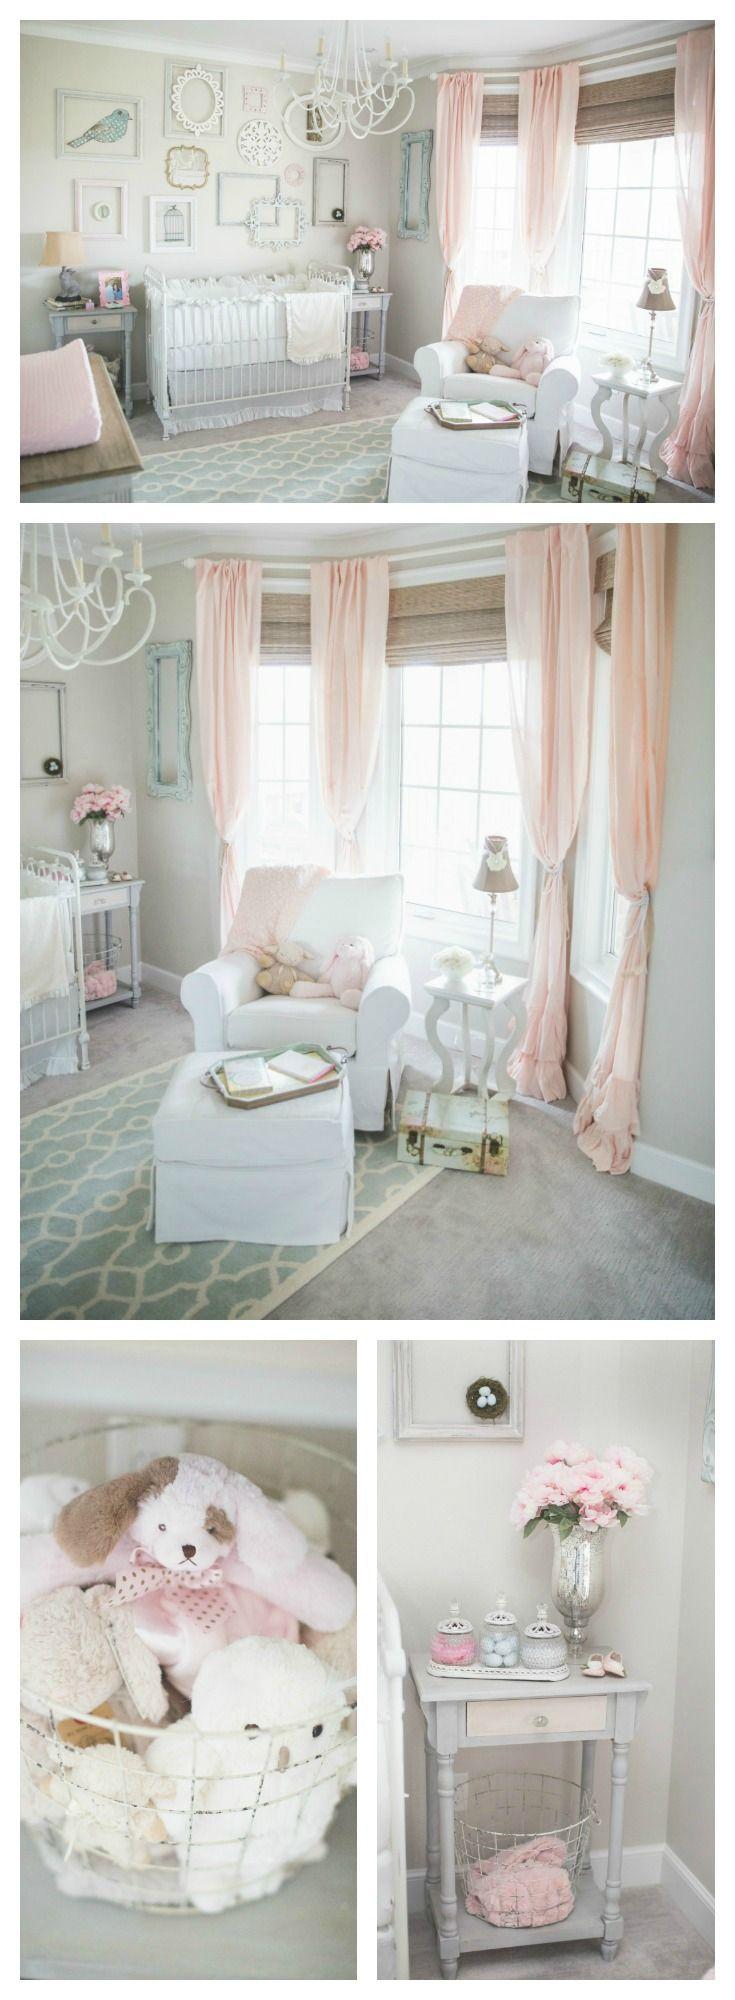 Pink And Gray Shabby Chic Nursery   Love The Soft And Sweet Details Of This  Baby. Zimmer EinrichtenBabyzimmer DesignKinderzimmer ...